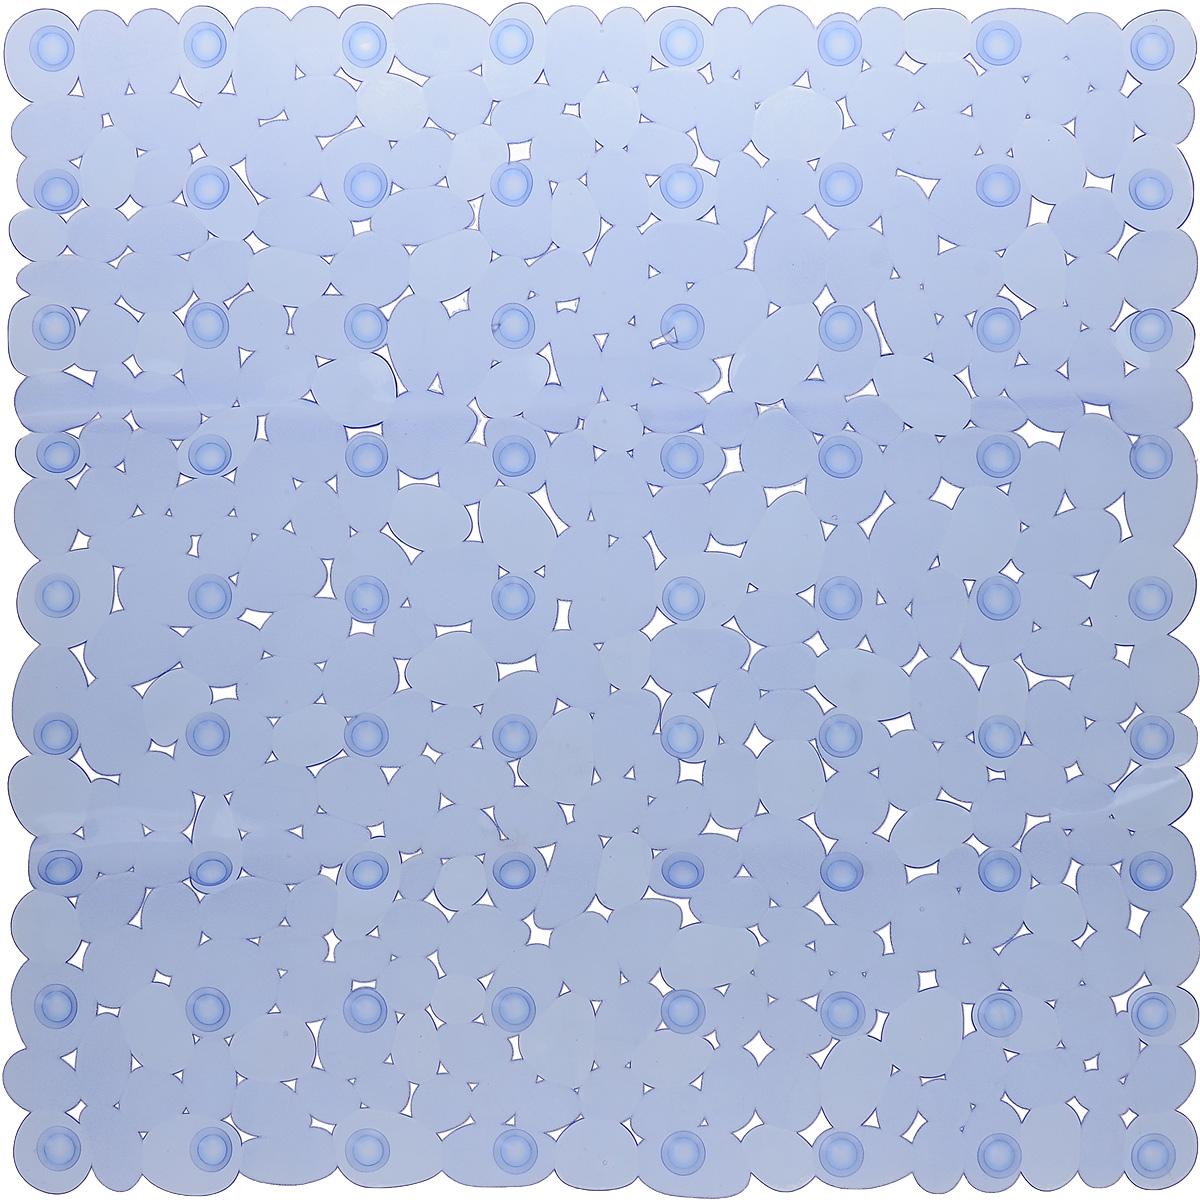 Коврик для ванной Axentia Галька, противоскользящий, на присосках, цвет: синий, 52 х 52 смNN-605-LS-WКвадратный коврик для ванной Axentia Галька изготовлен из ПВХ. Это прочный противоскользящий материал, который отлично подойдет для помещений с повышенной влажностью. Коврик противоскользящий, поэтому его удобно использовать в душевой кабине или ванне. Крепится к поверхности при помощи на присосок. Легко моется и не оставляет следов.